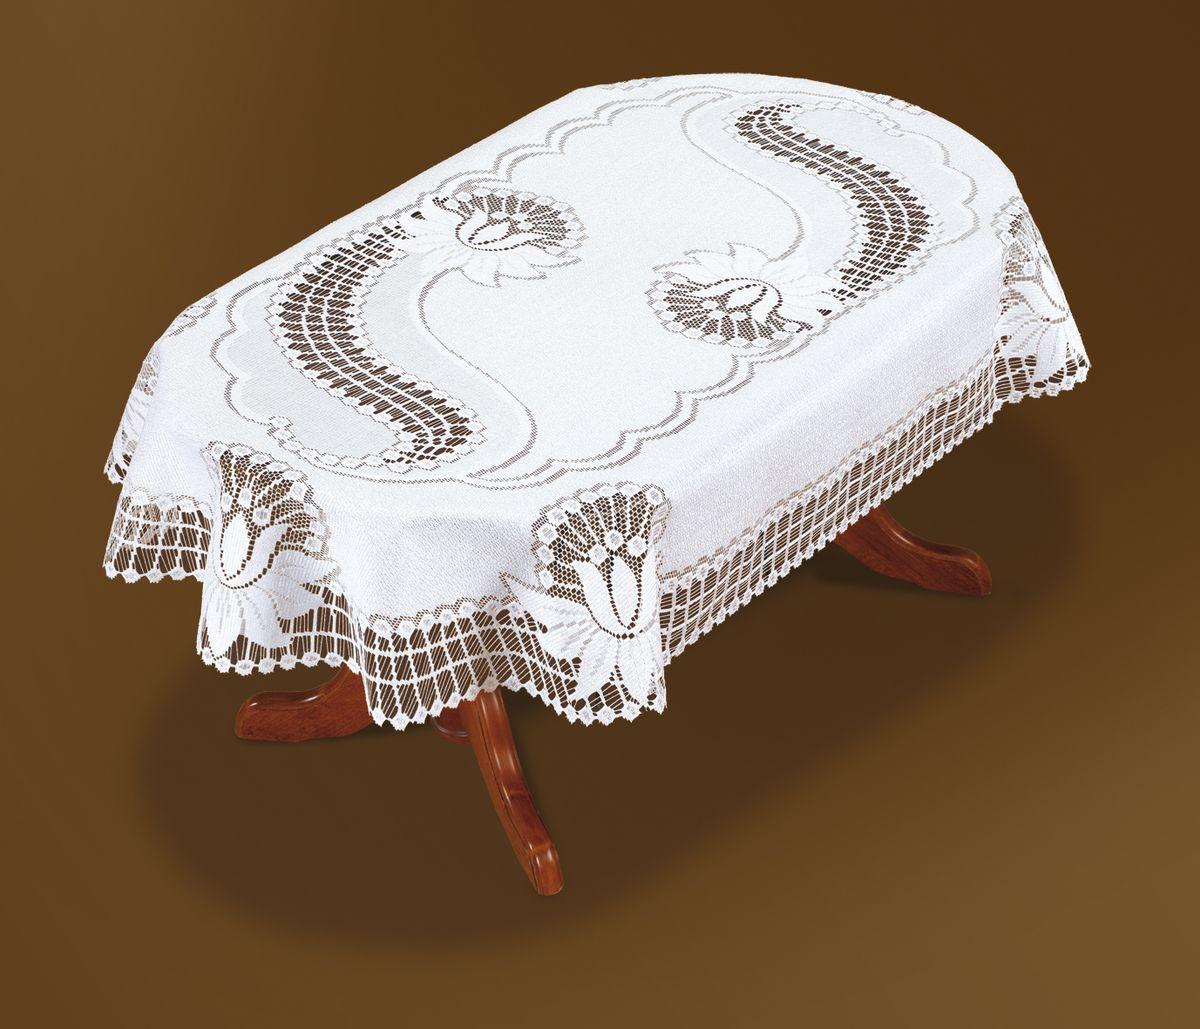 Скатерть Haft, овальная, цвет: белый, 170  x 110 см. 46081-110 скатерть овальная 220х150см цвет бежевый